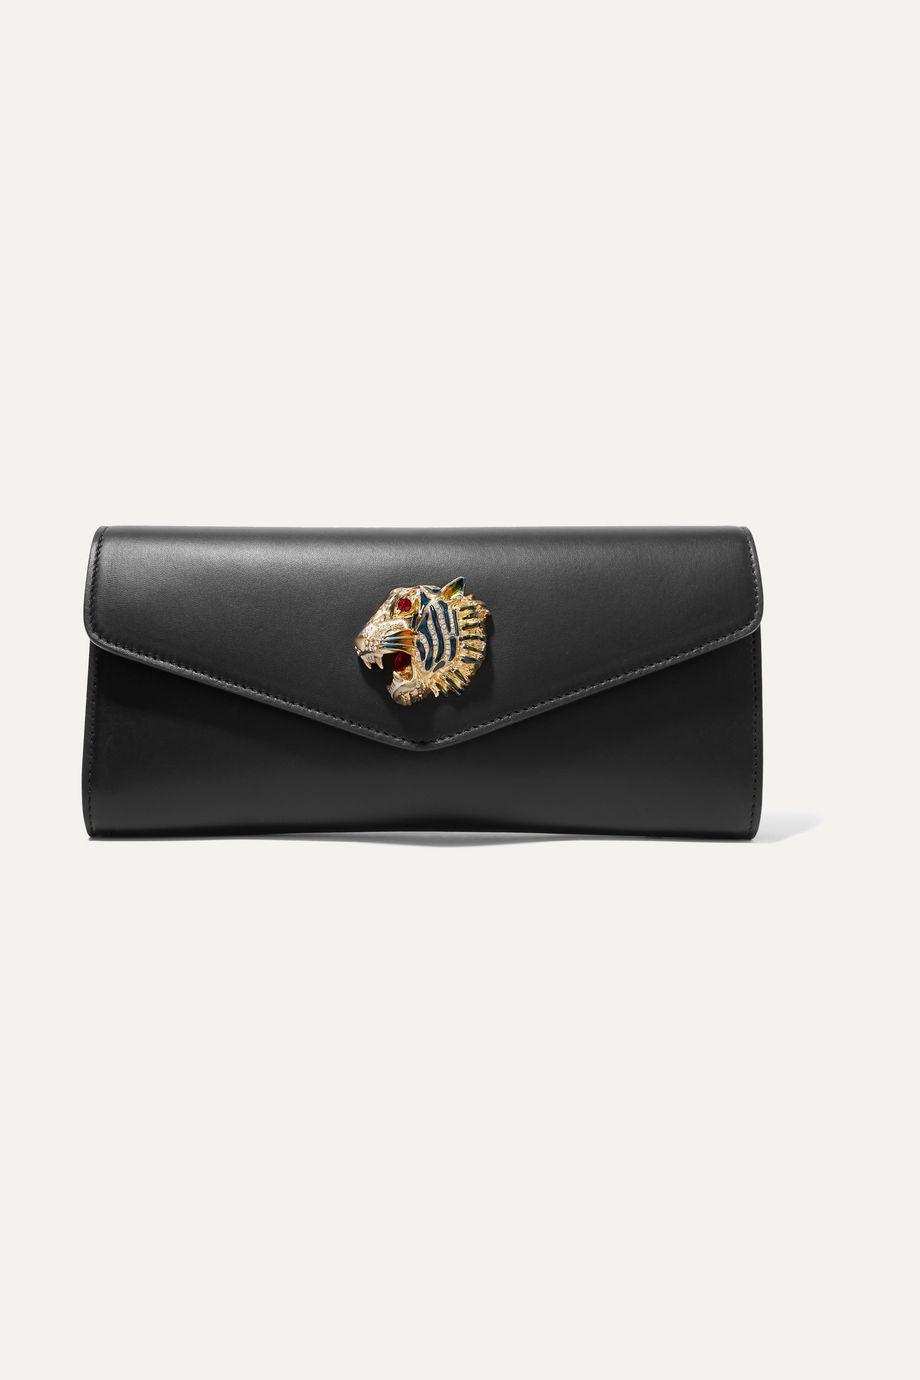 Gucci Broadway Clutch aus Leder mit Kristallen